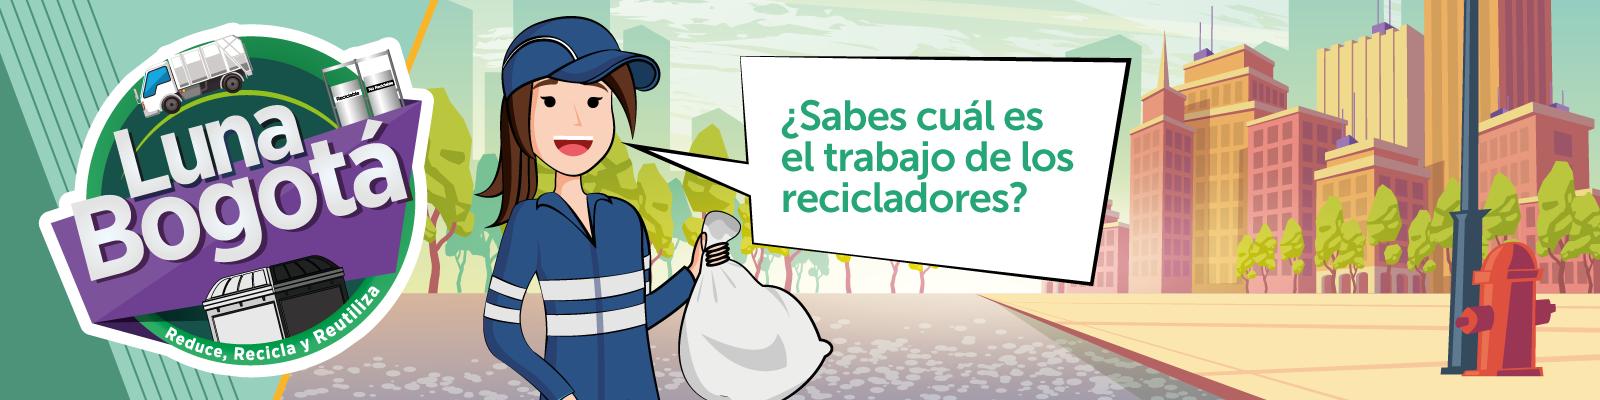 Luna Bogotá El Trabajo de los Recicladores